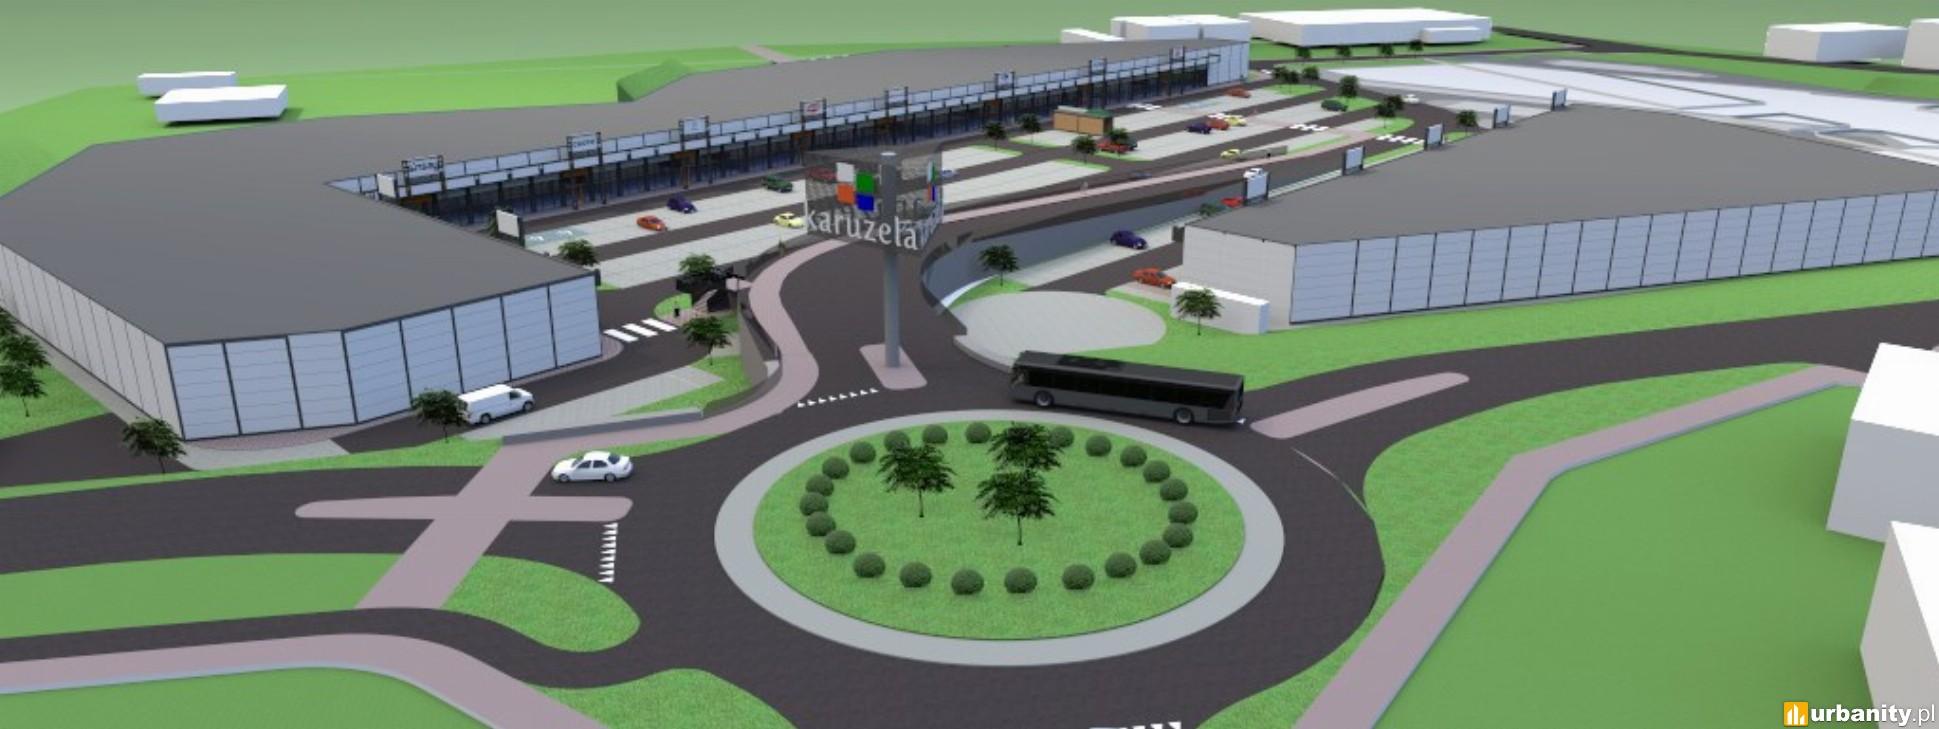 Jastrzębie-Zdrój kolejnym miastem z parkiem handlowym Karuzela